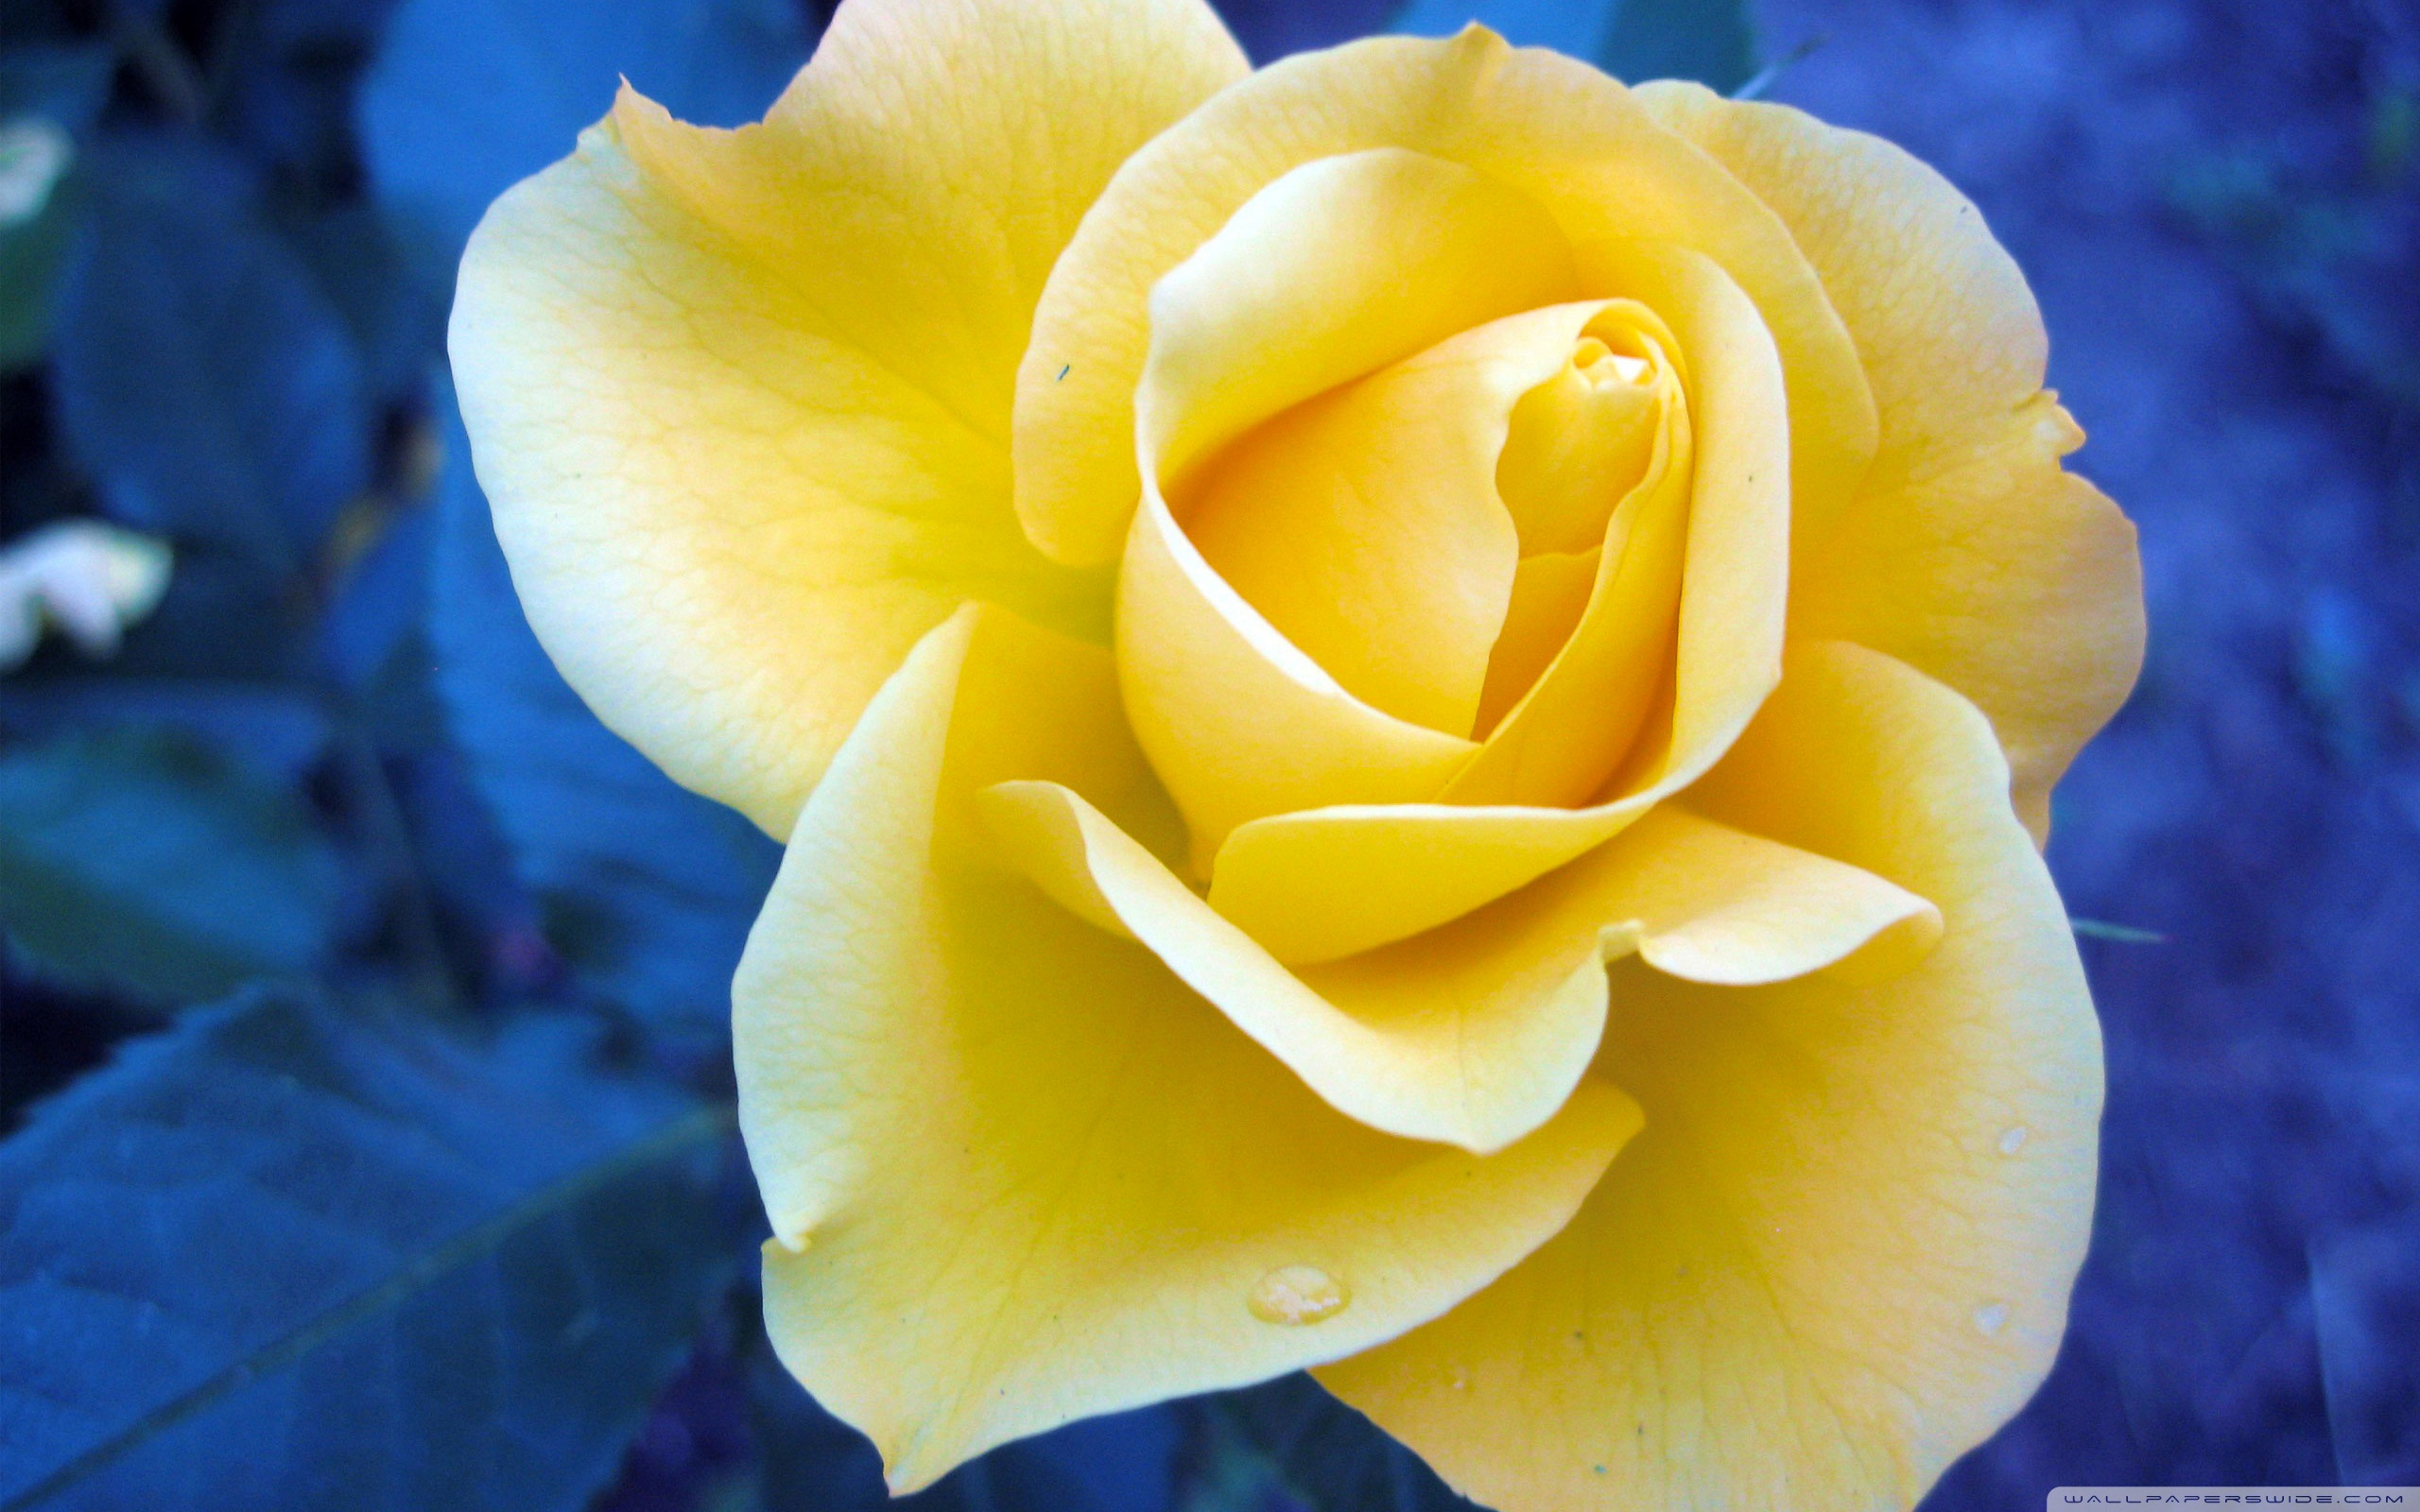 Free Yellow Rose Wallpaper - WallpaperSafari